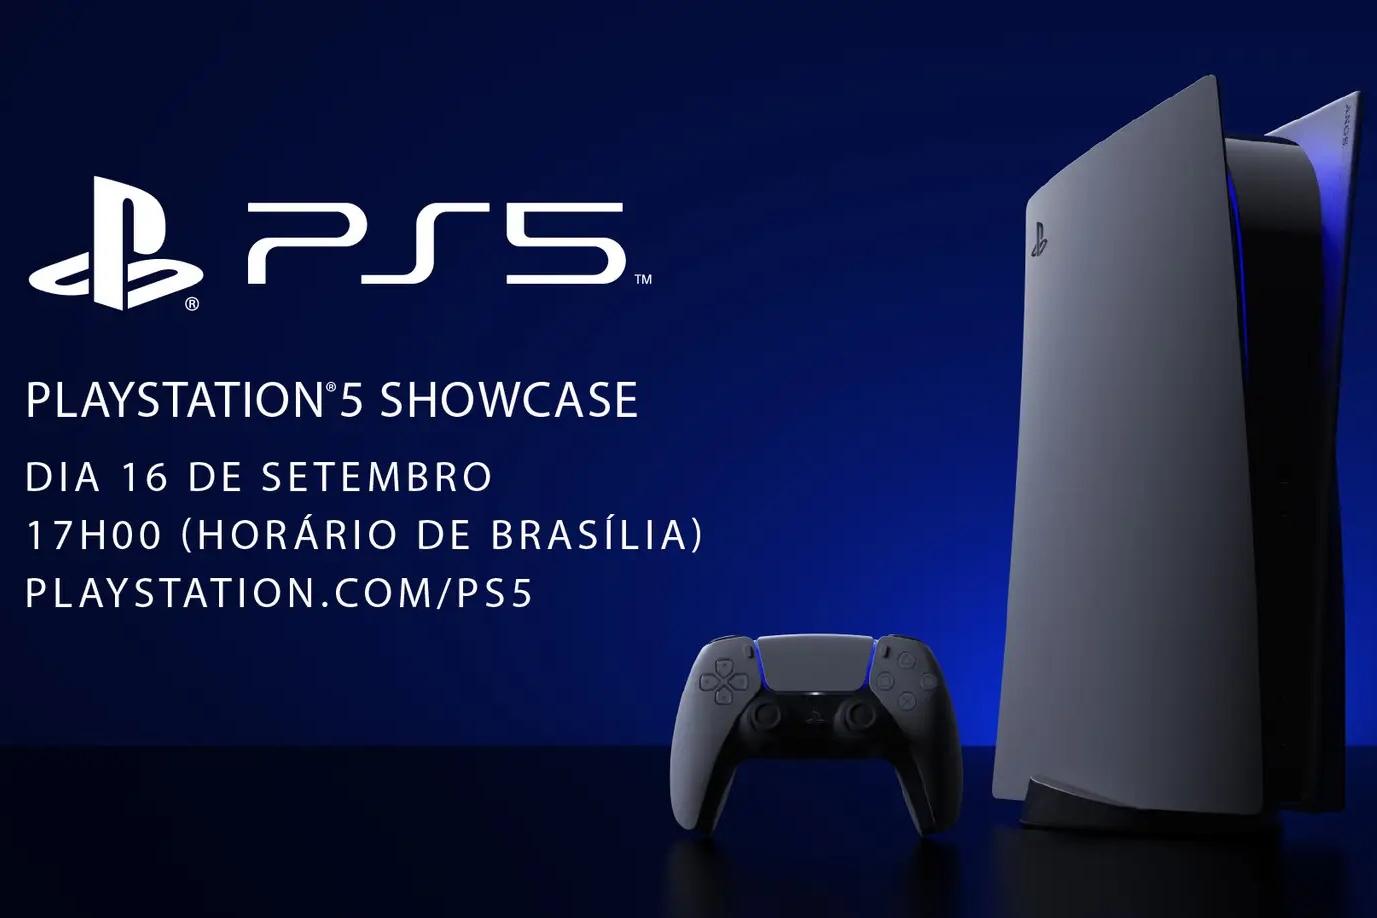 PS5 terá evento para mostrar diversas novidades no dia 16 de setembro